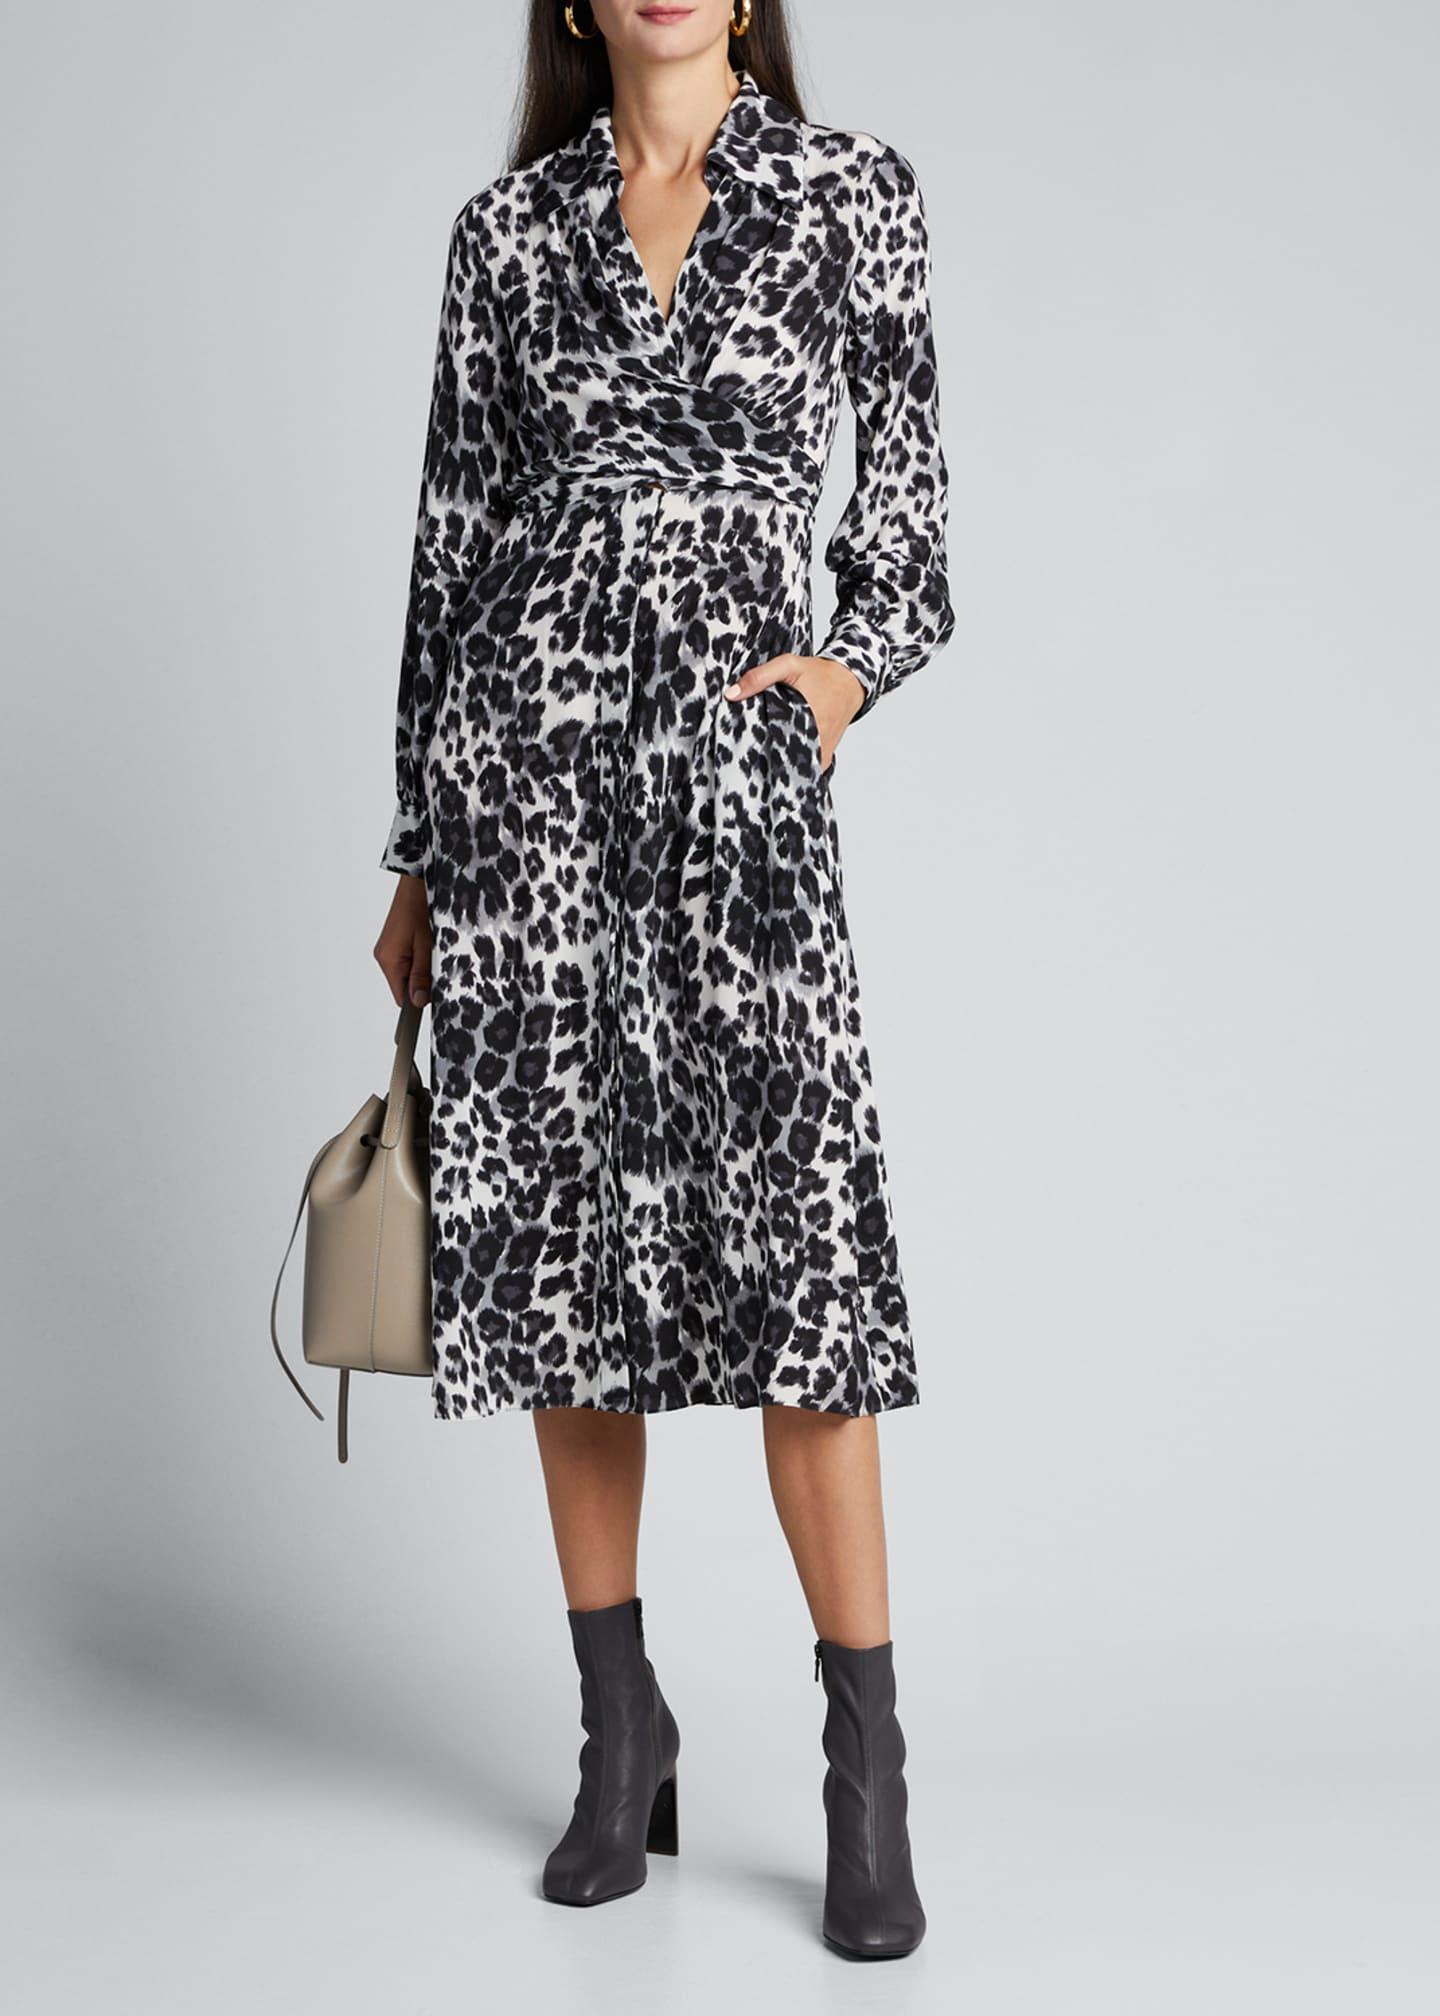 Diane von Furstenberg Donika Collared Leopard-Print Wrap Dress